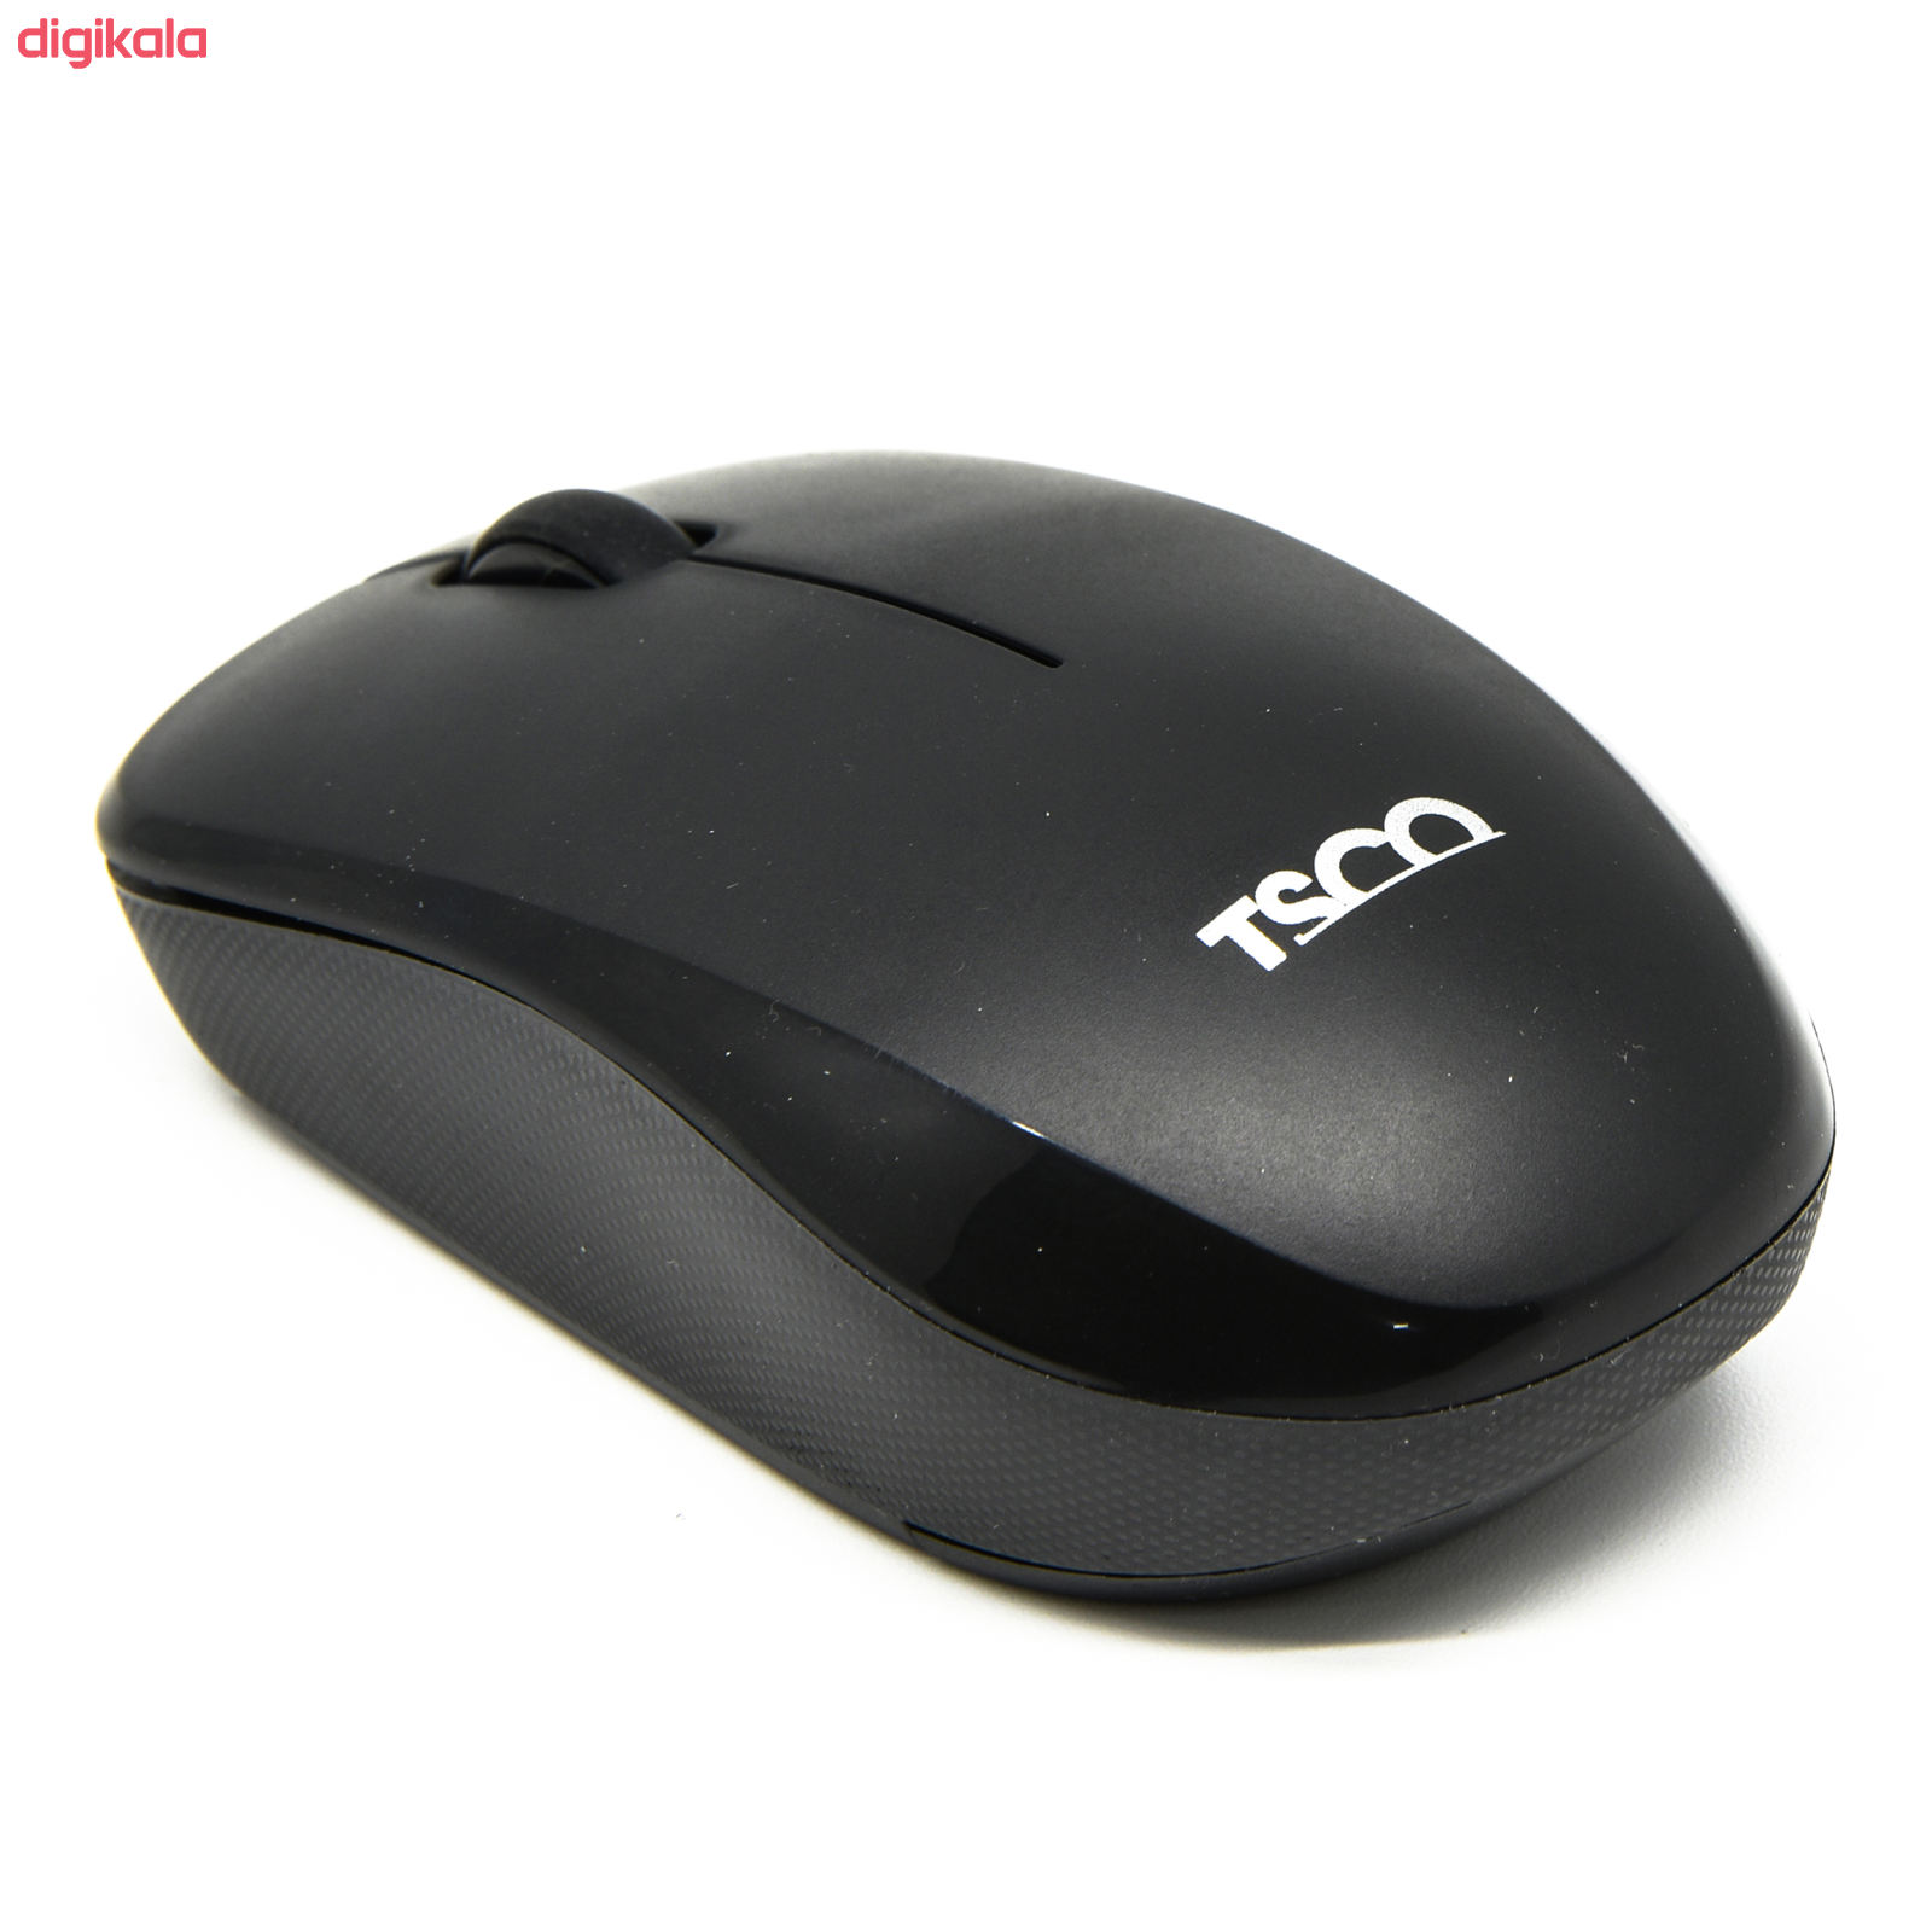 اندروید باکس تسکو مدل Tab 100 - New Version به همراه ماوس بی سیم main 1 13